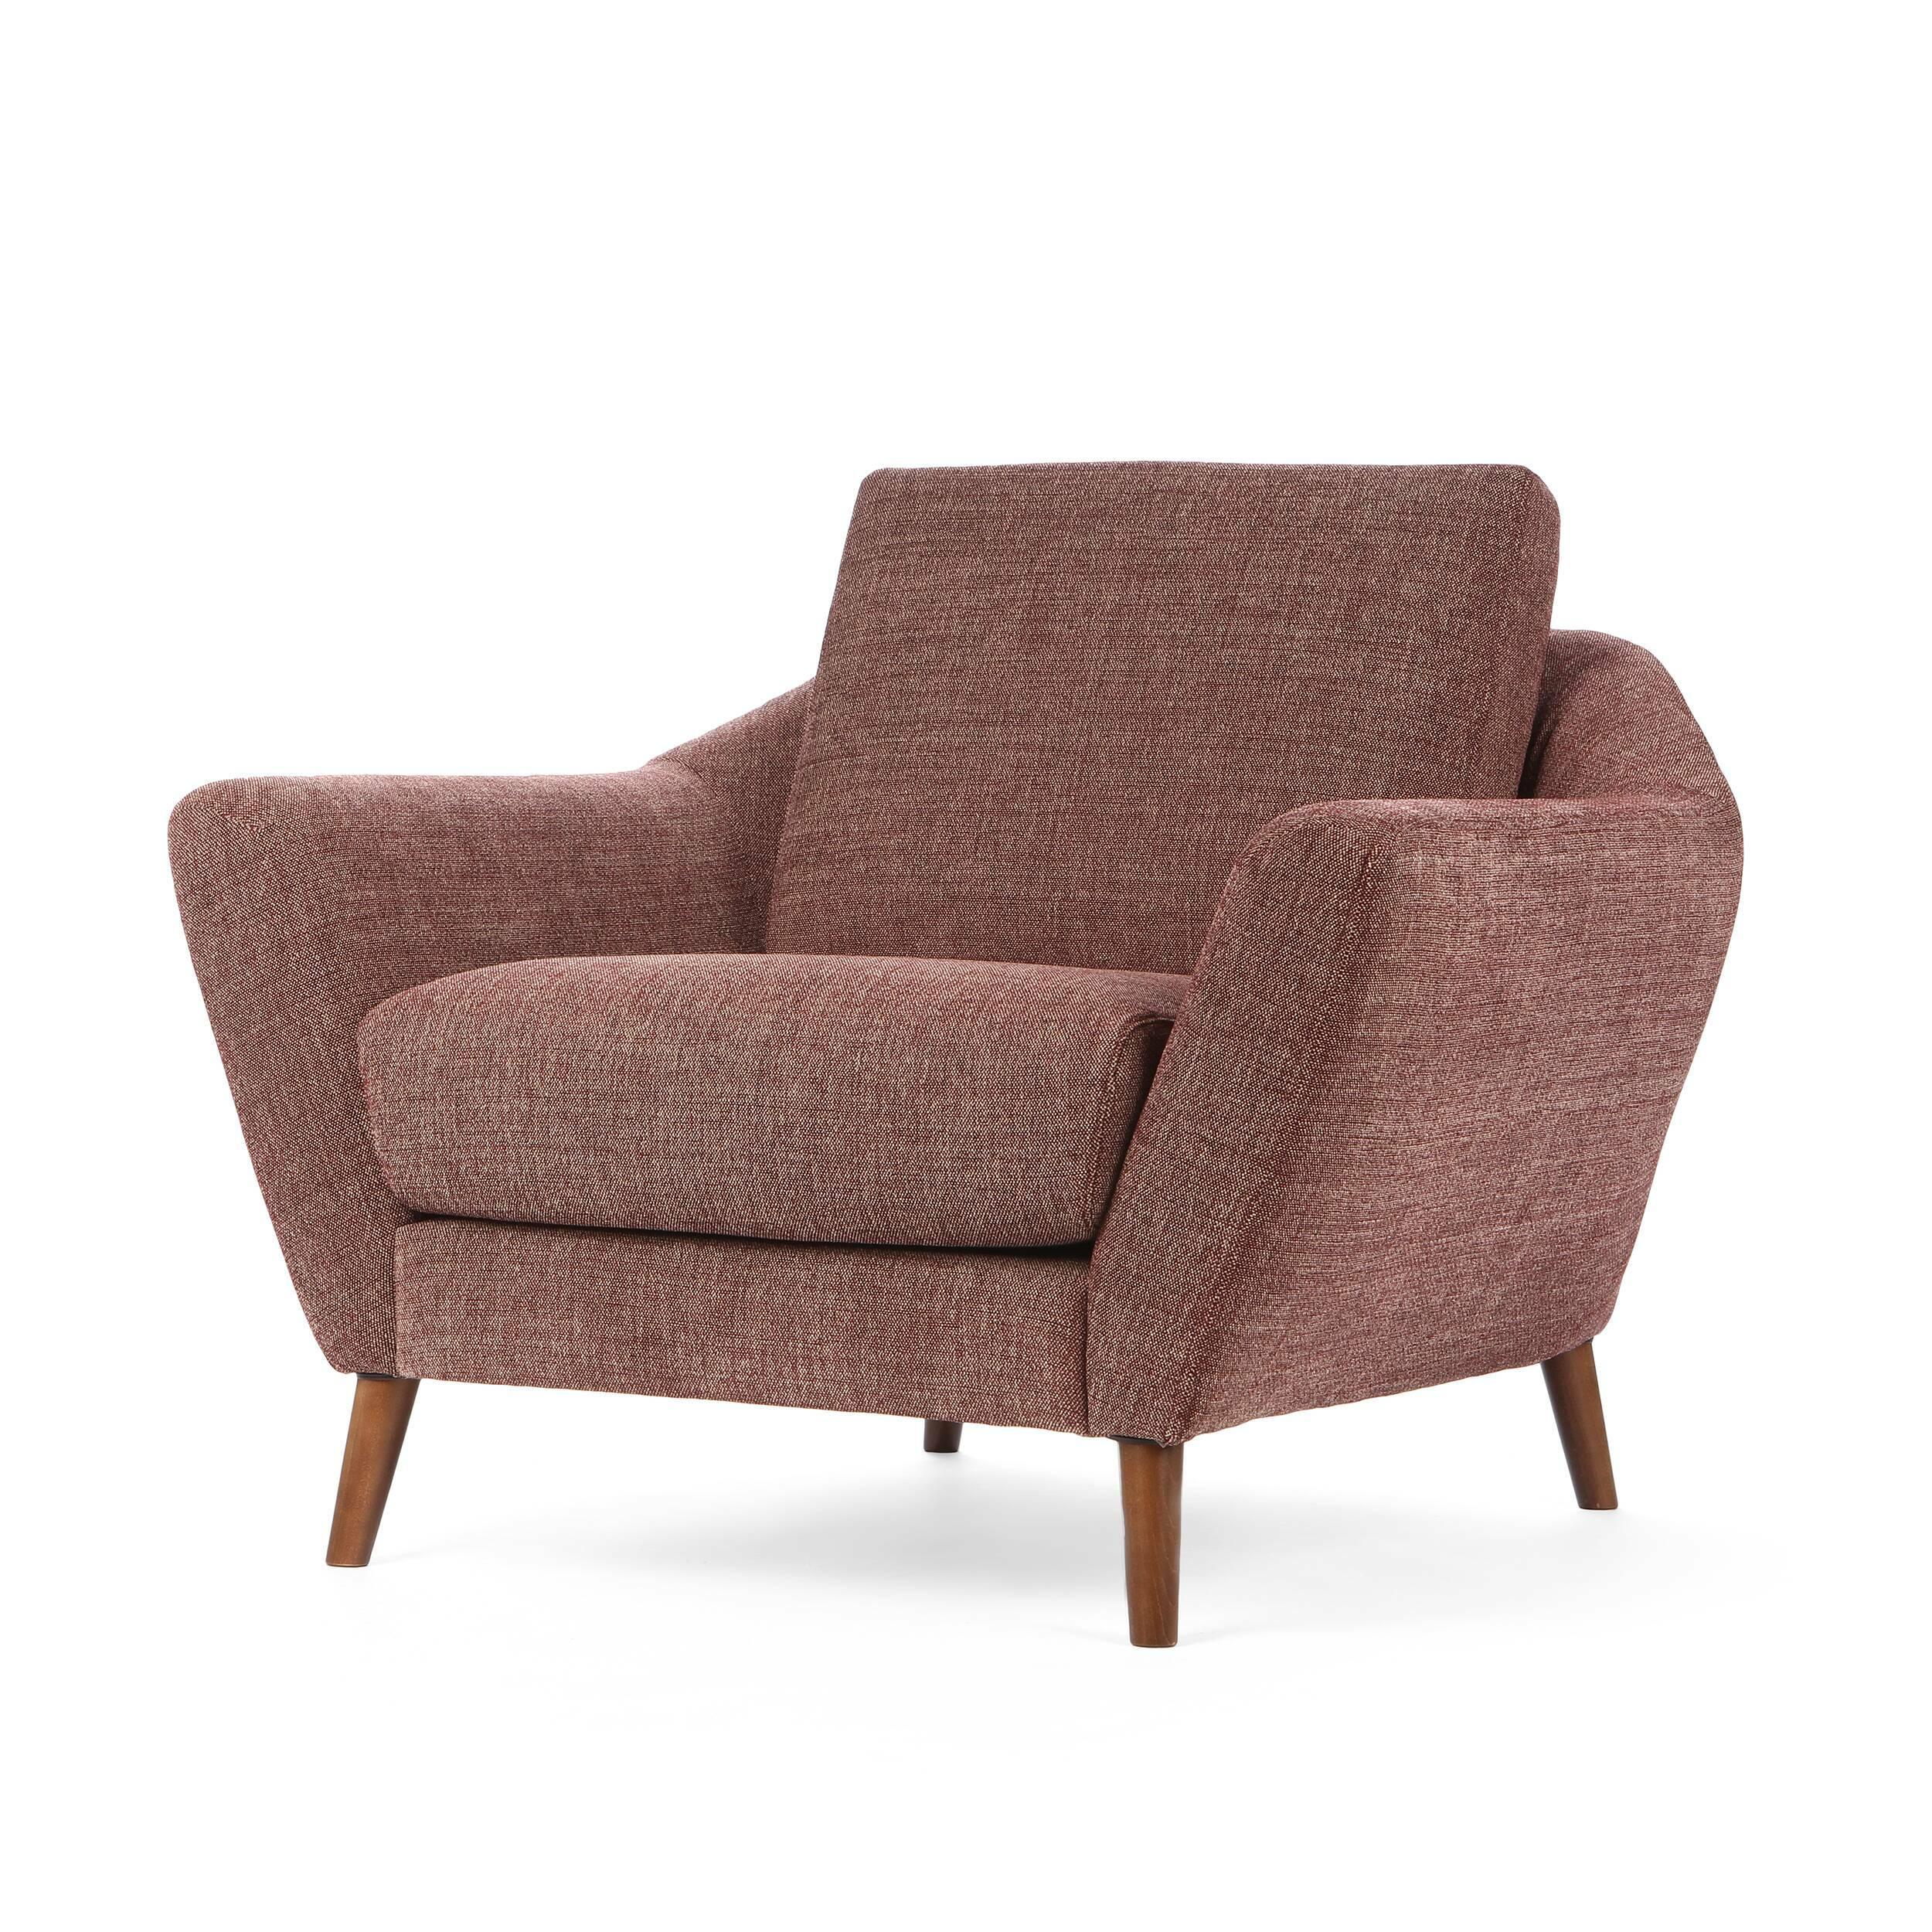 Кресло AgdaИнтерьерные<br>Дизайнерское комфортное классическое кресло Agda (Эгда) от Sits (Ситс).<br><br>Оригинальное кресло Agda имеет невероятно удобную, анатомическую форму подлокотников и подушек, что позволит вам прекрасно отдохнуть в нем даже в рабочее время. Благодаря своим размерам кресло отлично подойдет не только для просторных комнат, но и для небольших помещений, где создаст комфортную и теплую атмосферу.<br> <br> Дизайн кресла разработан для бренда Say Who двумя талантливыми дизайнерами Каспером Мельдгаром и Ни...<br><br>stock: 0<br>Высота: 84<br>Высота сиденья: 48<br>Ширина: 104<br>Глубина: 94<br>Цвет ножек: Орех<br>Материал обивки: Полиэстер<br>Степень комфортности: Стандарт комфорт<br>Форма подлокотников: Стандарт<br>Коллекция ткани: Категория ткани III<br>Тип материала обивки: Ткань<br>Тип материала ножек: Дерево<br>Цвет обивки: Бордовый